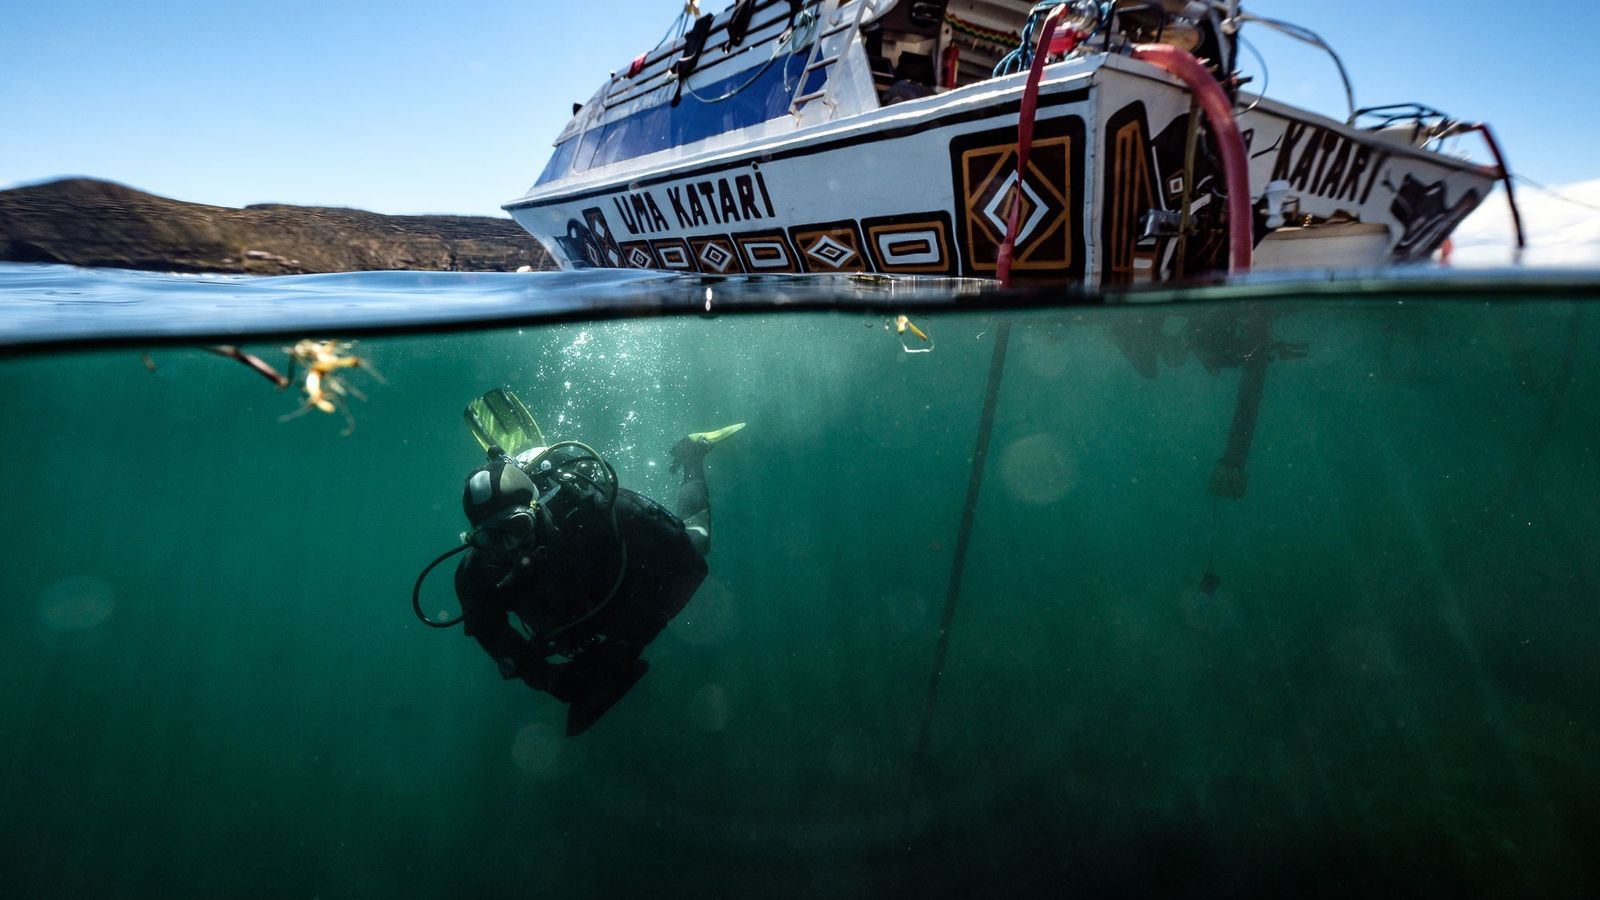 Un membre de l'équipe de recherche plonge dans le lac Titicaca qui marque la frontière entre ...